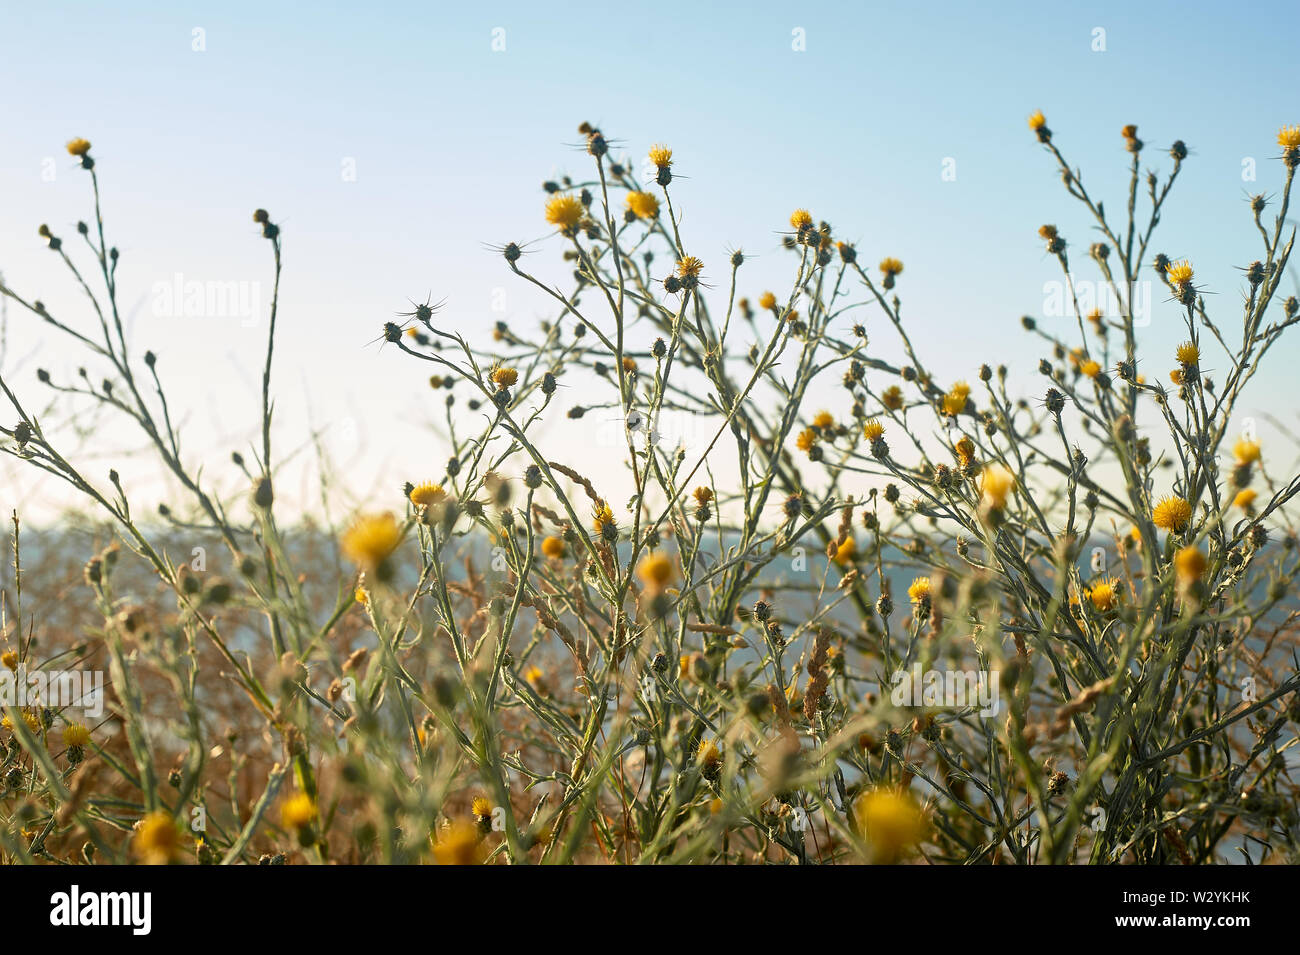 Gelbe Blumen wachsen auf den Strand. Botanik der Küste. Stockfoto